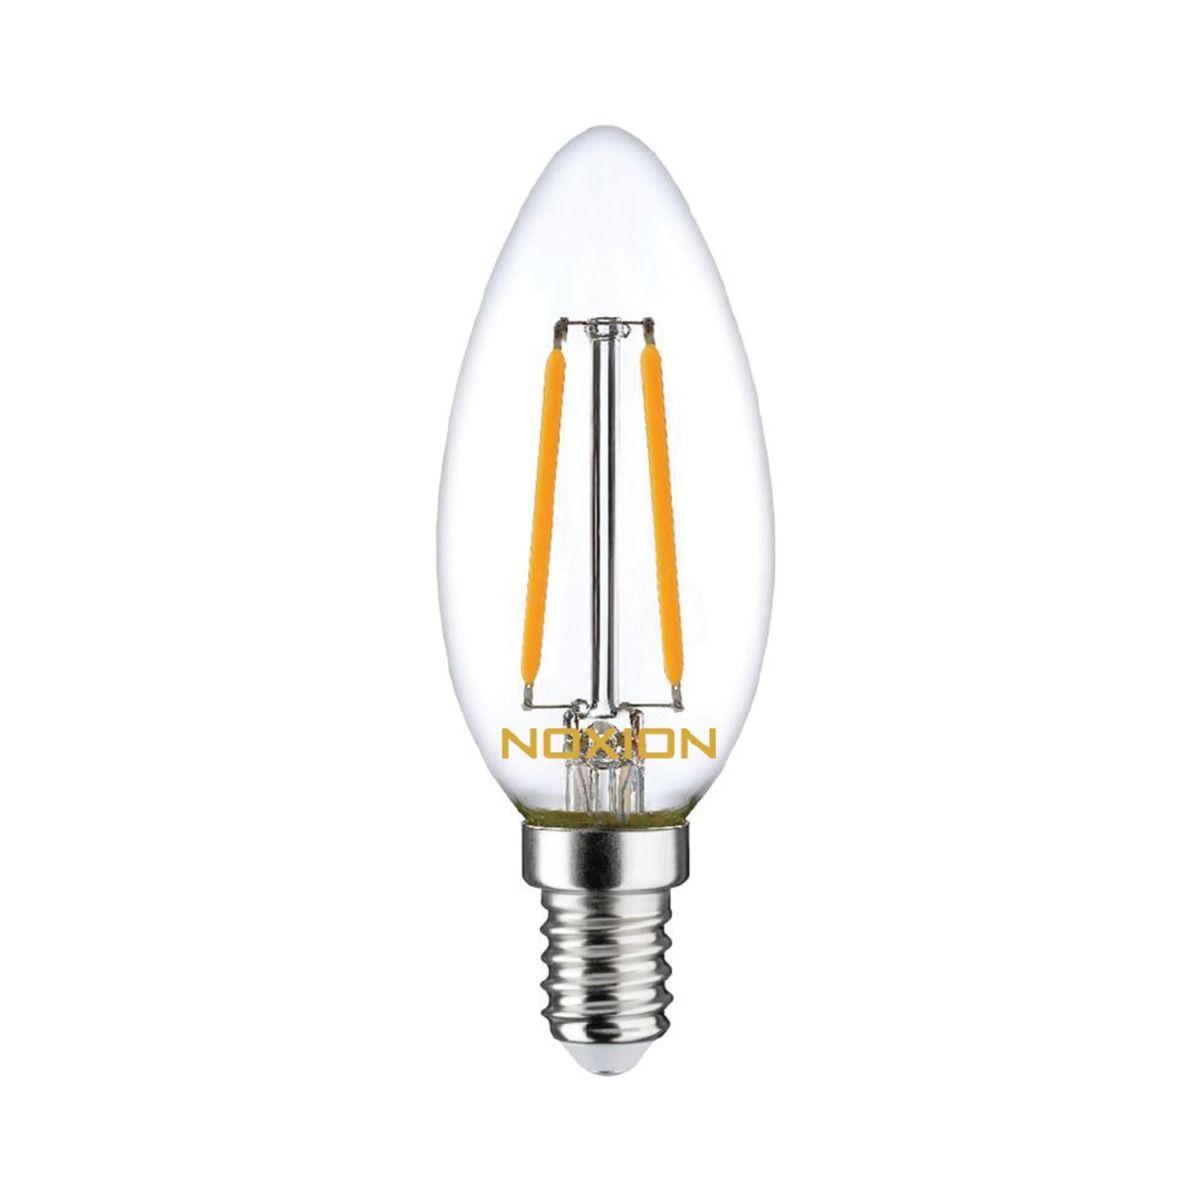 Noxion Lucent Fadenlampe LED Candle 2.5W 827 B35 E14 Klar | Ersatz für 25W